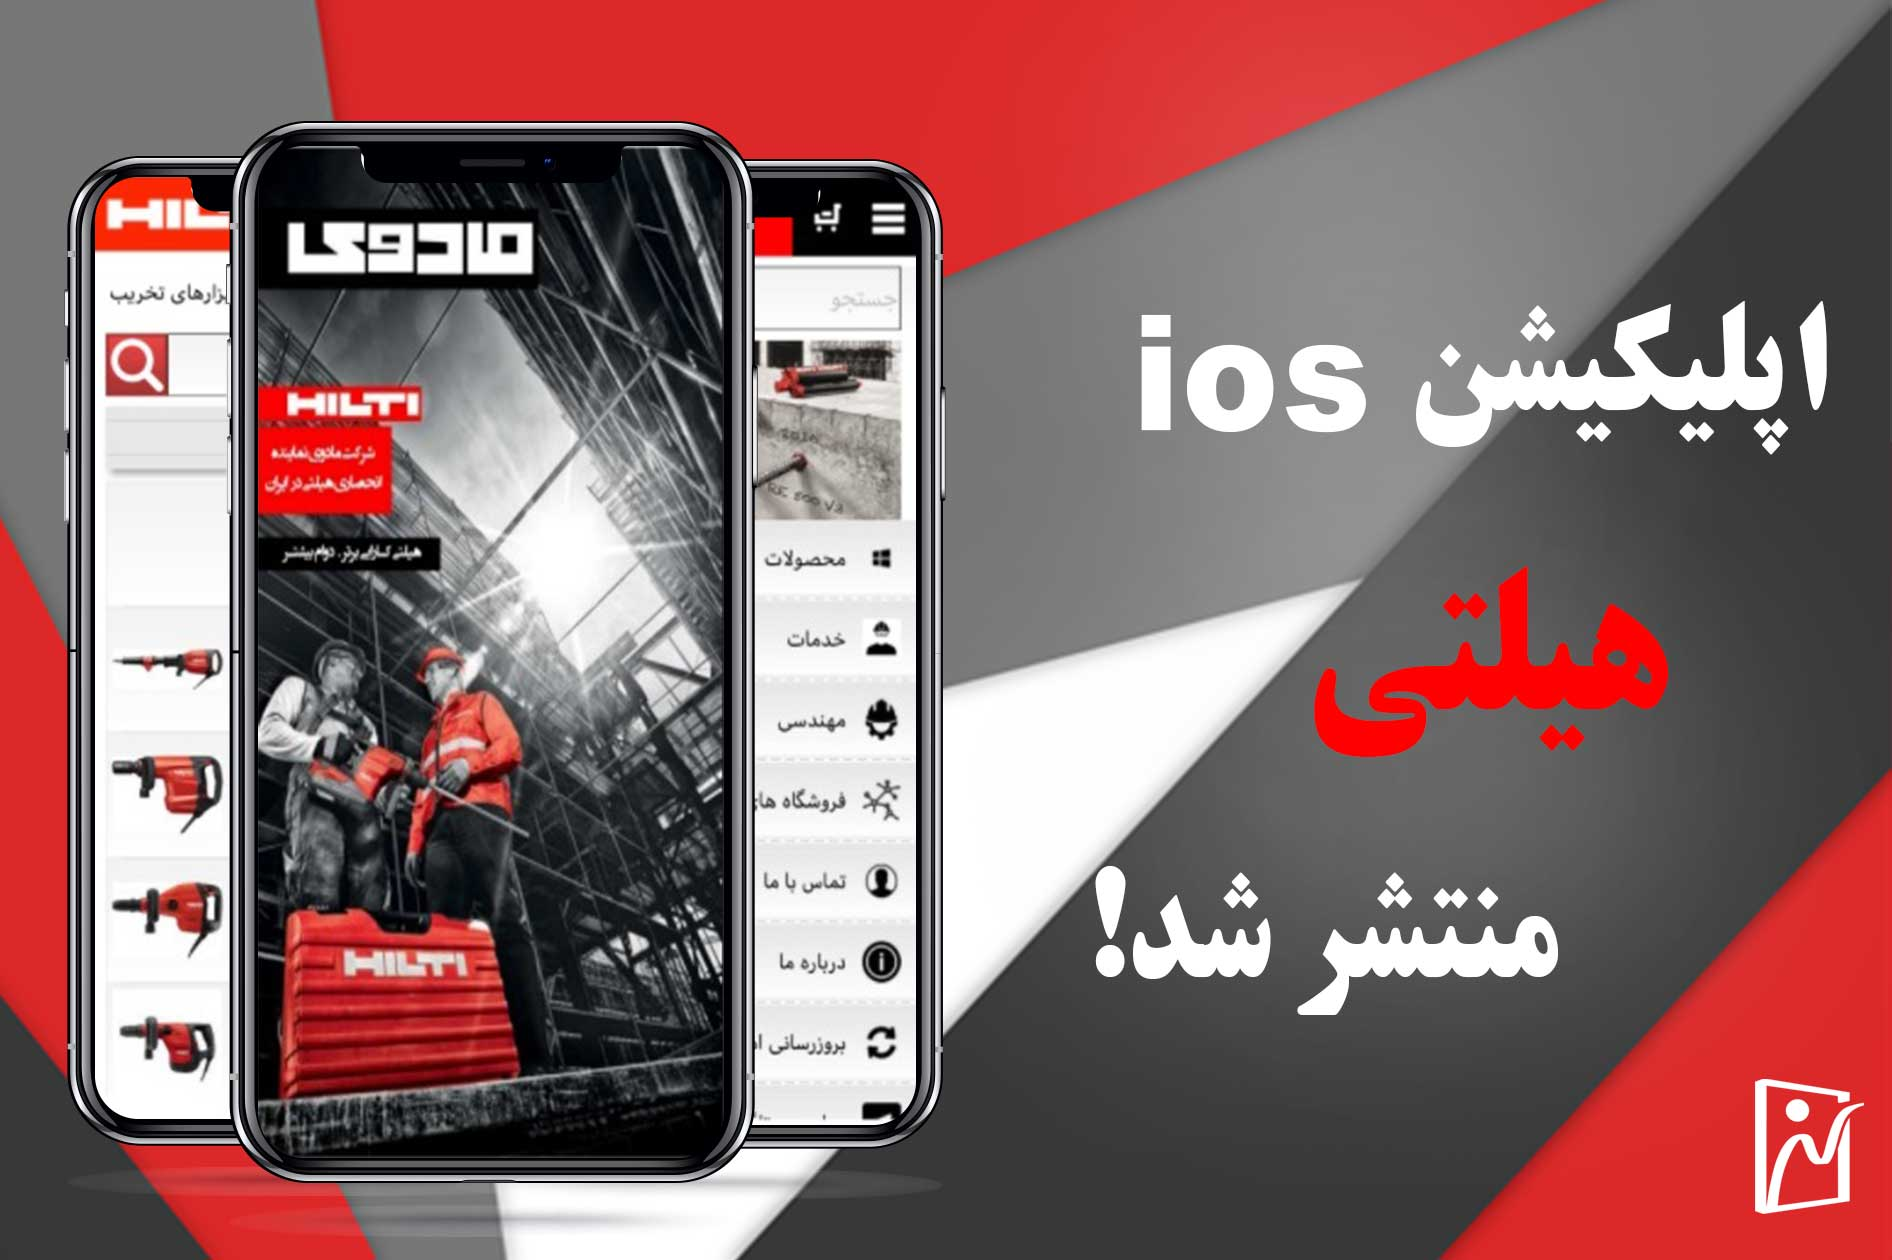 طراحی  و انتشار اپلیکیشن ios فروشگاه هیلتی